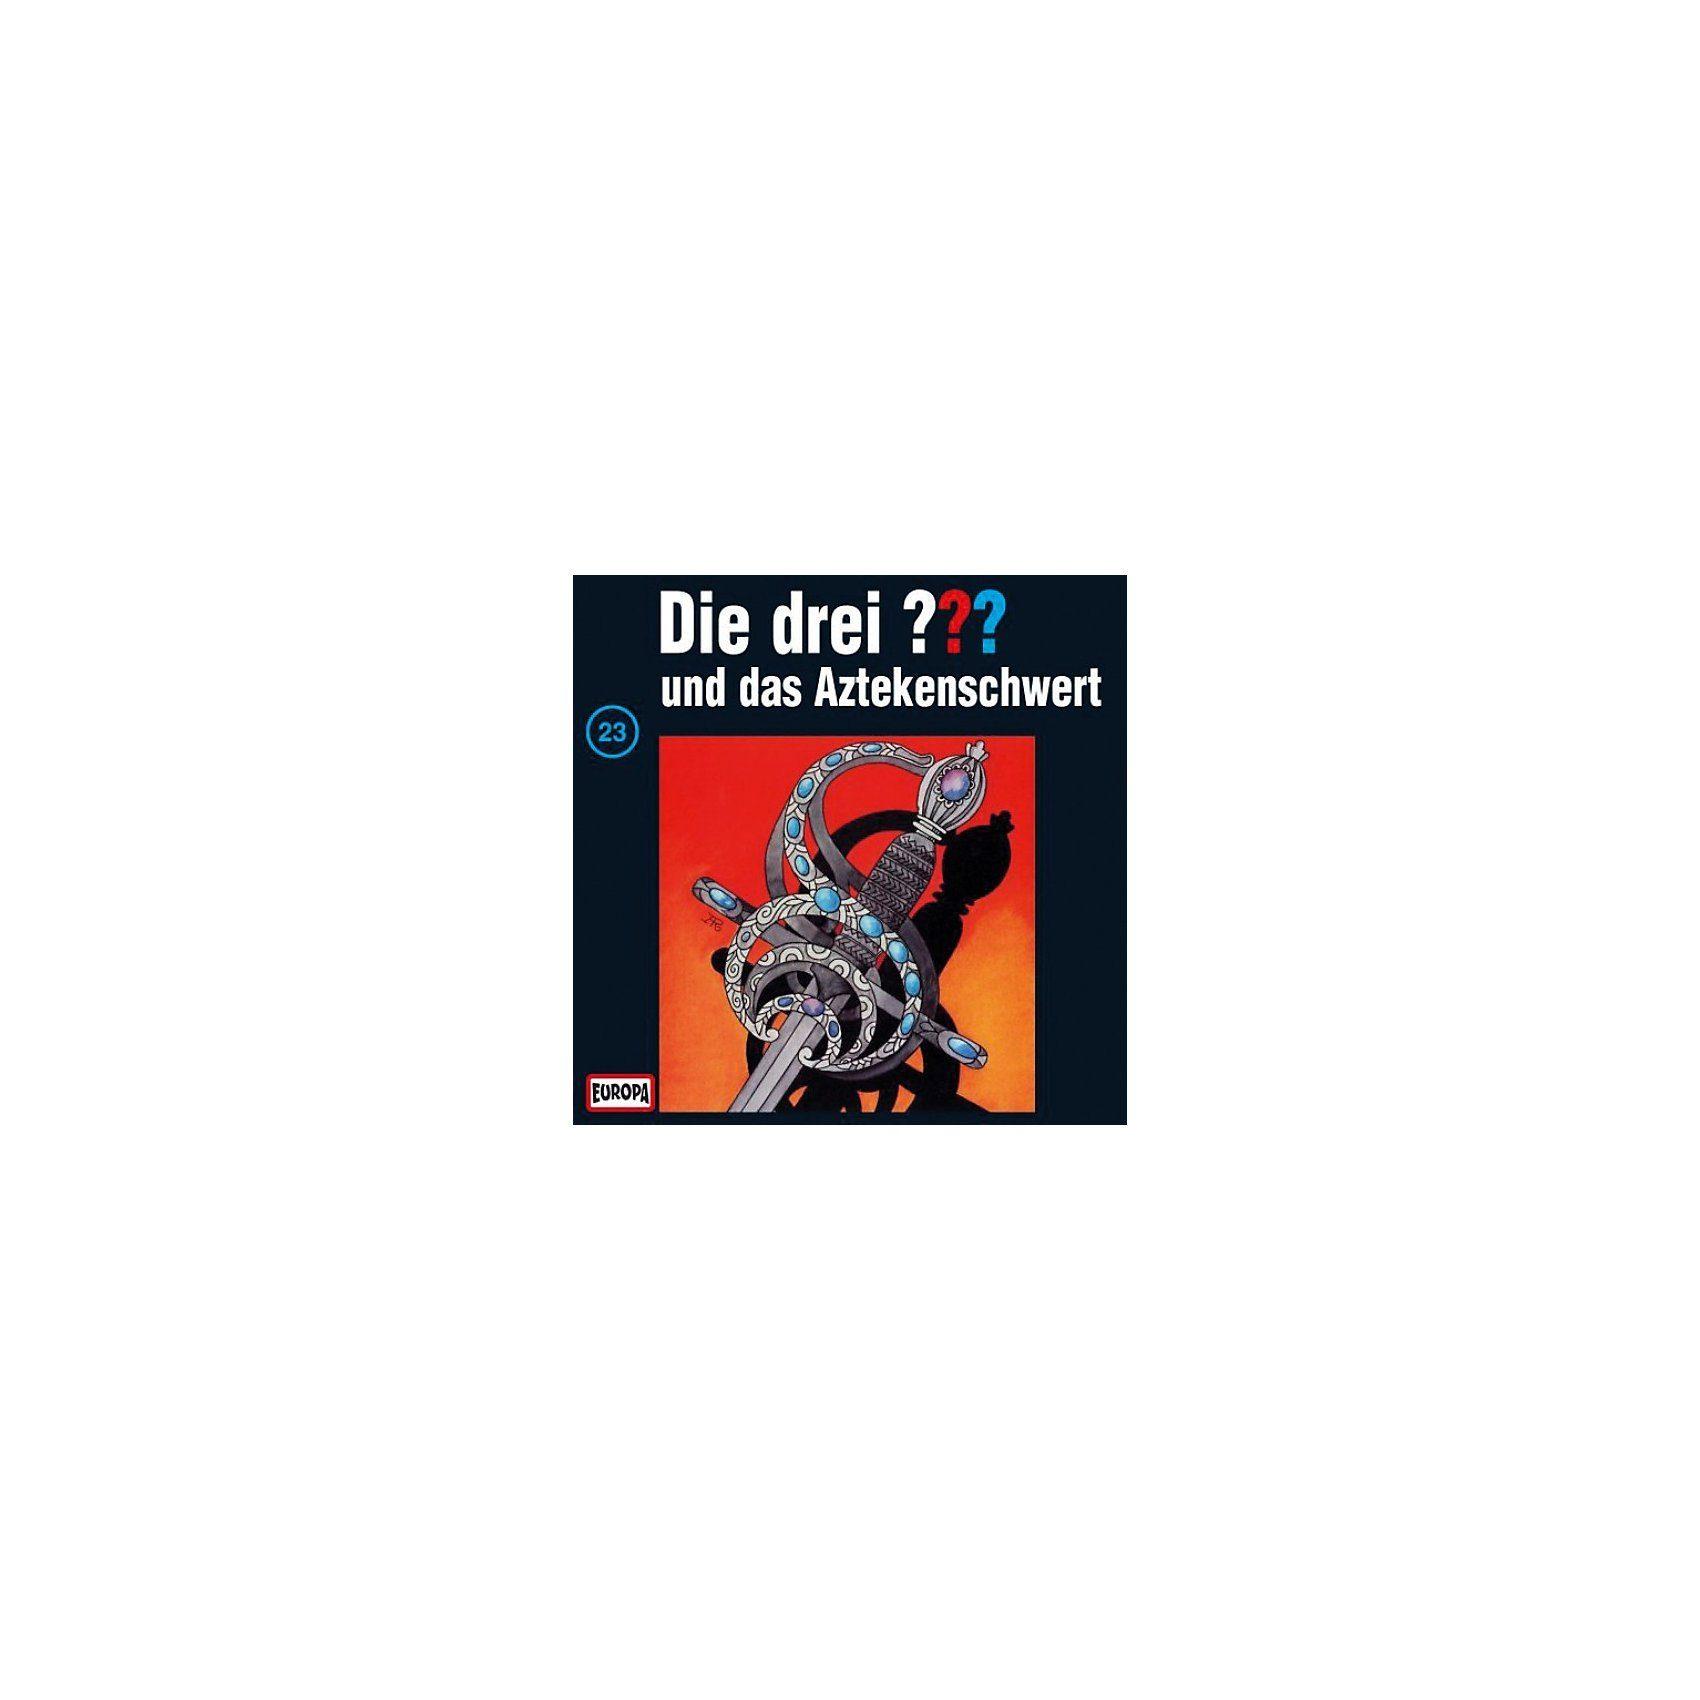 Sony CD Die Drei ??? 023/und das Aztekenschwert